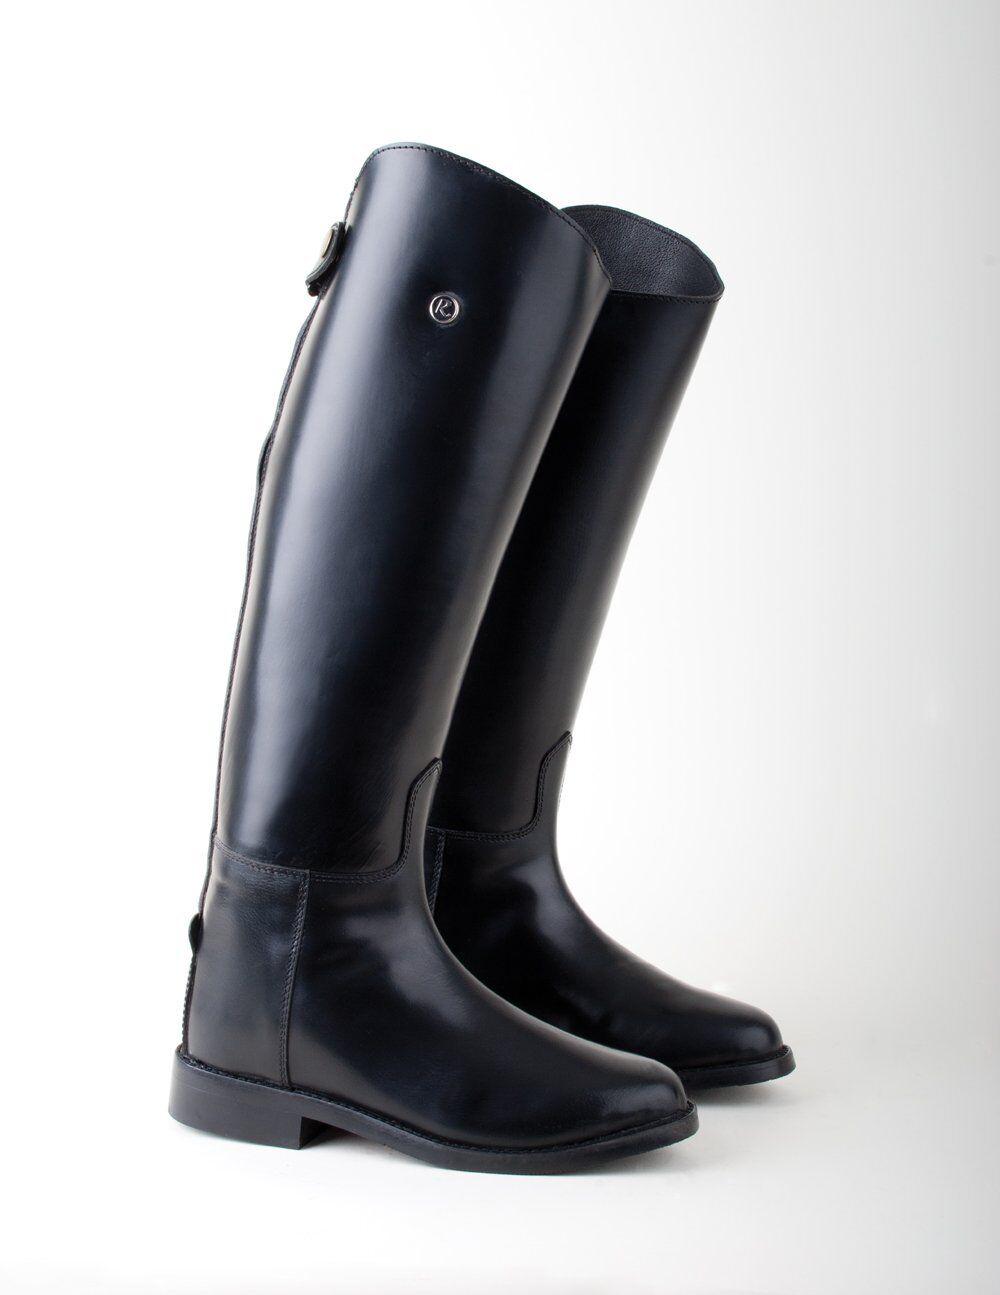 Nuevas botas de montar a caballo de larga olímpico-mostrando, Doma, Nuevo-Oferta Especial Precio